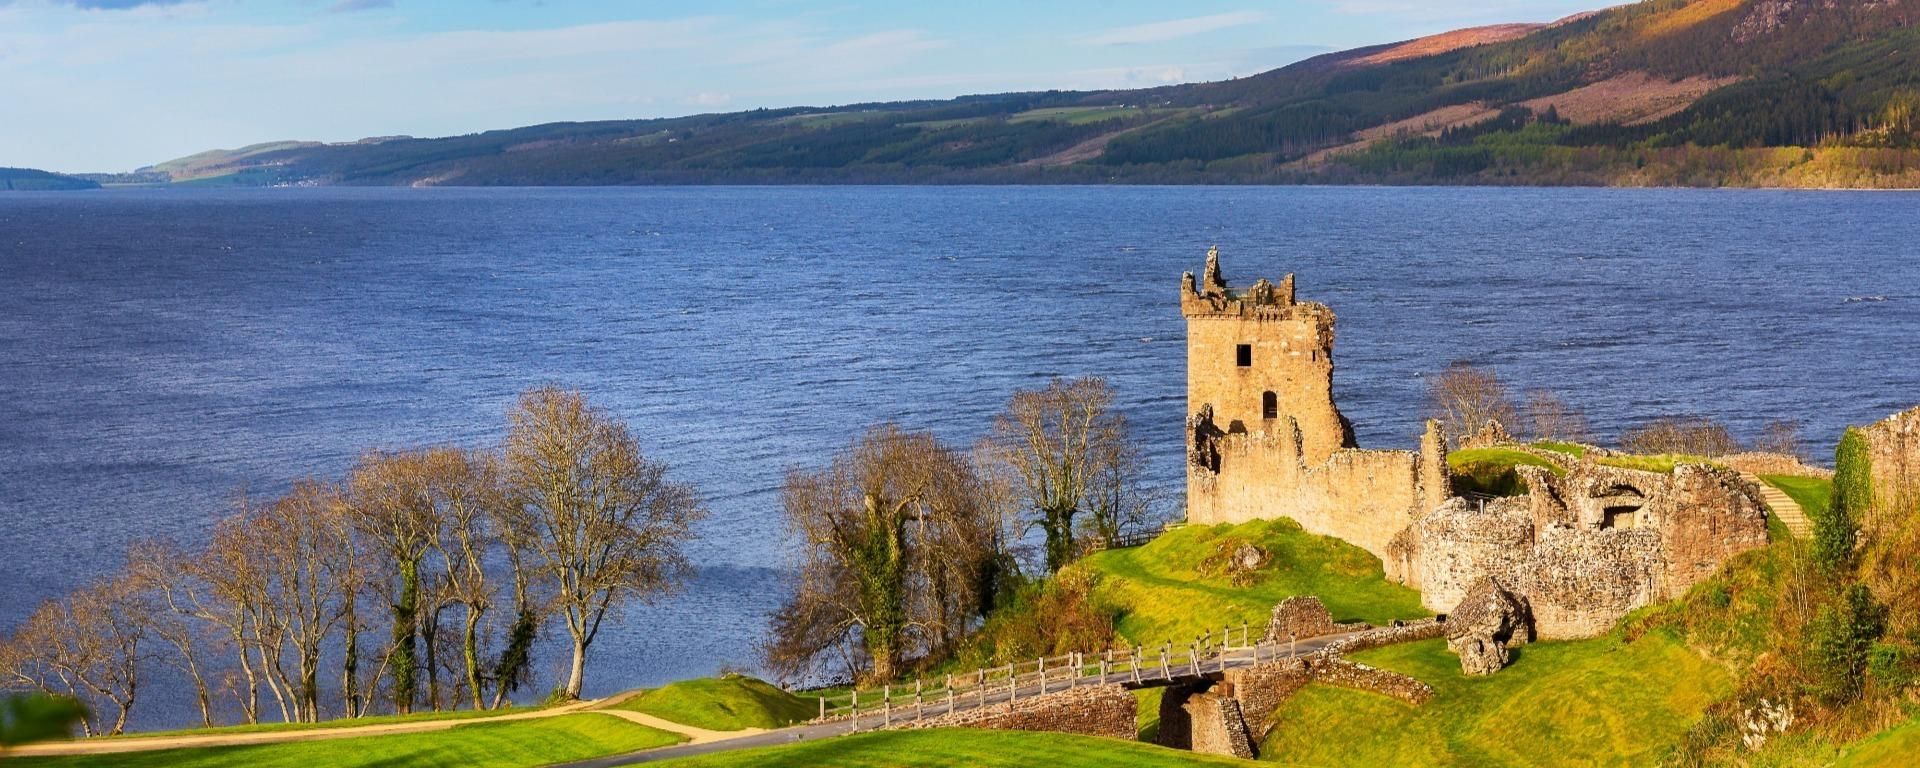 Loch Ness banner